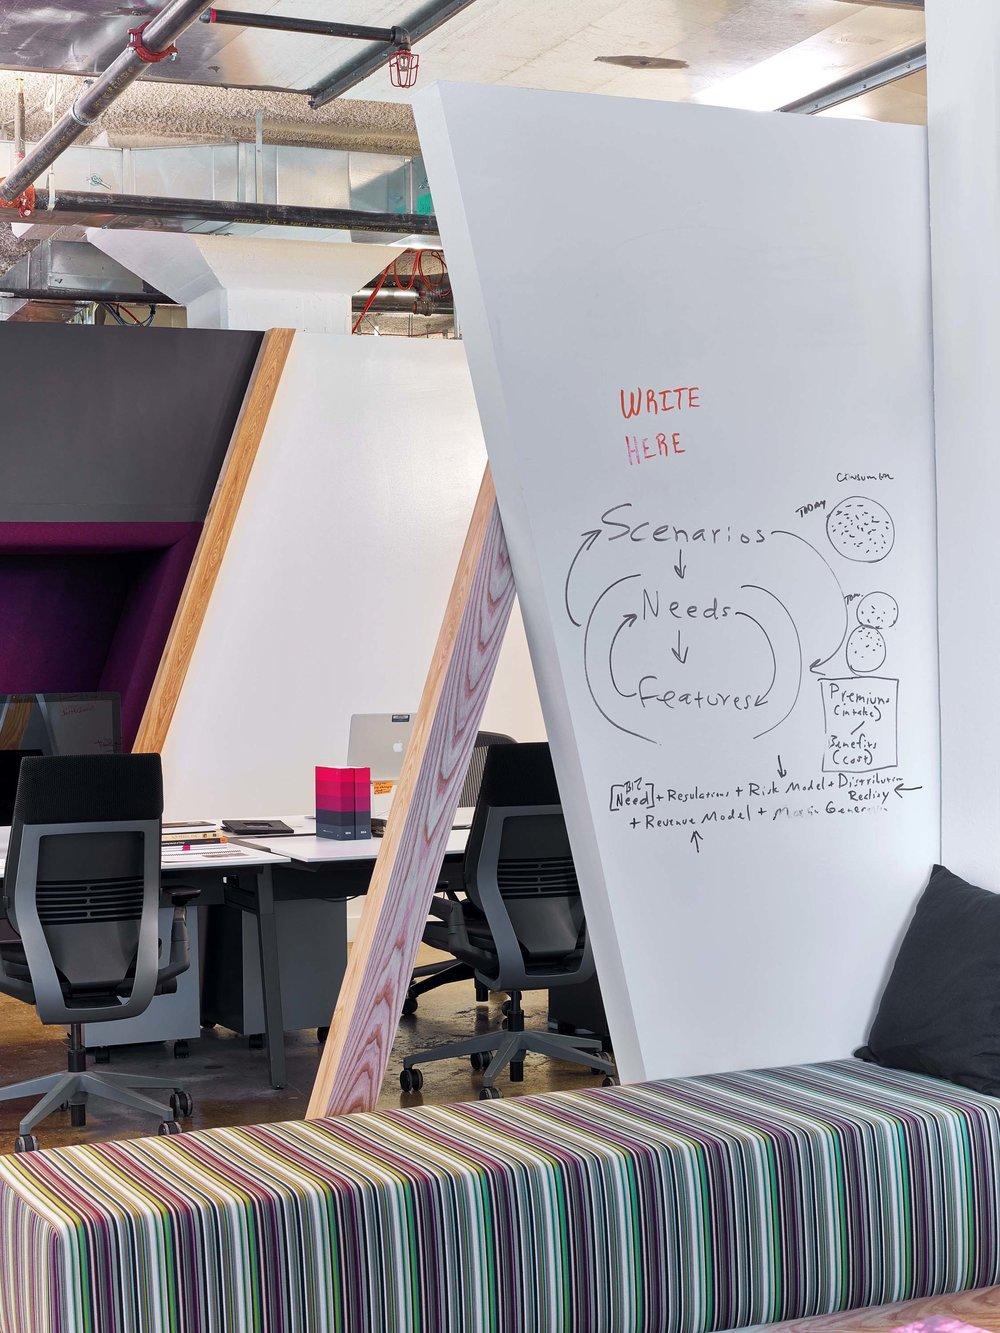 13-Accenture bench.jpg